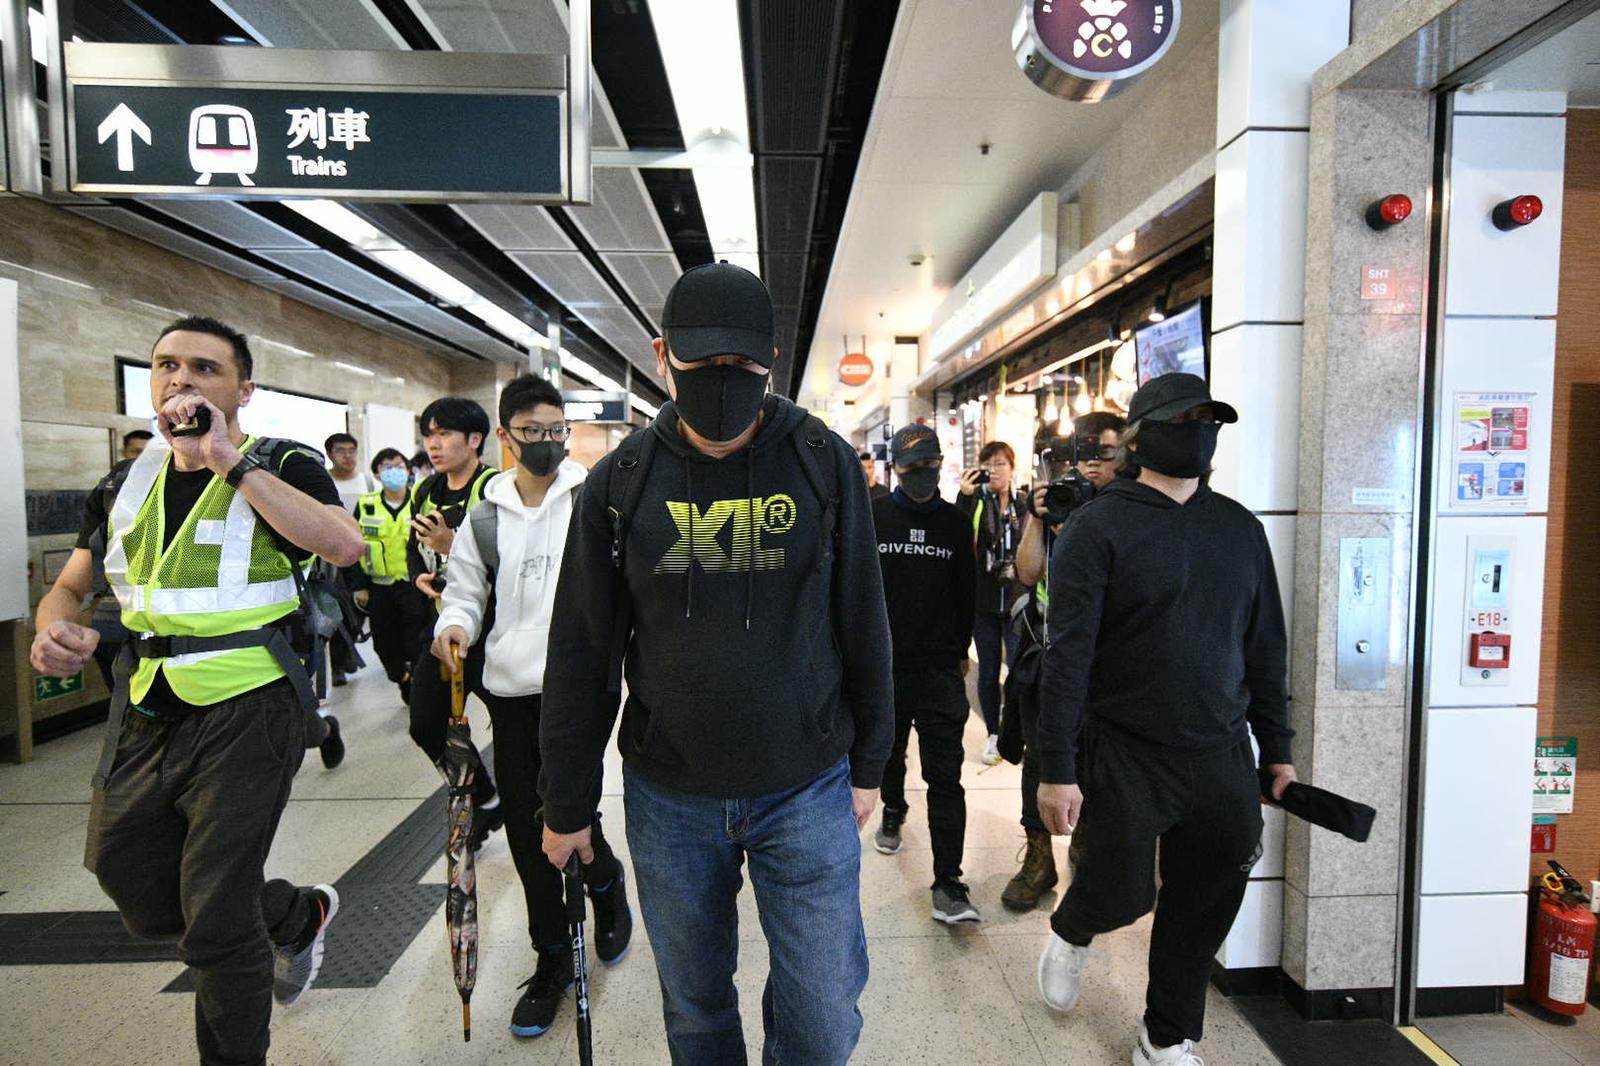 【和你Shop】沙田新城市有怀疑便衣警被包围 手持疑似伸缩警棍